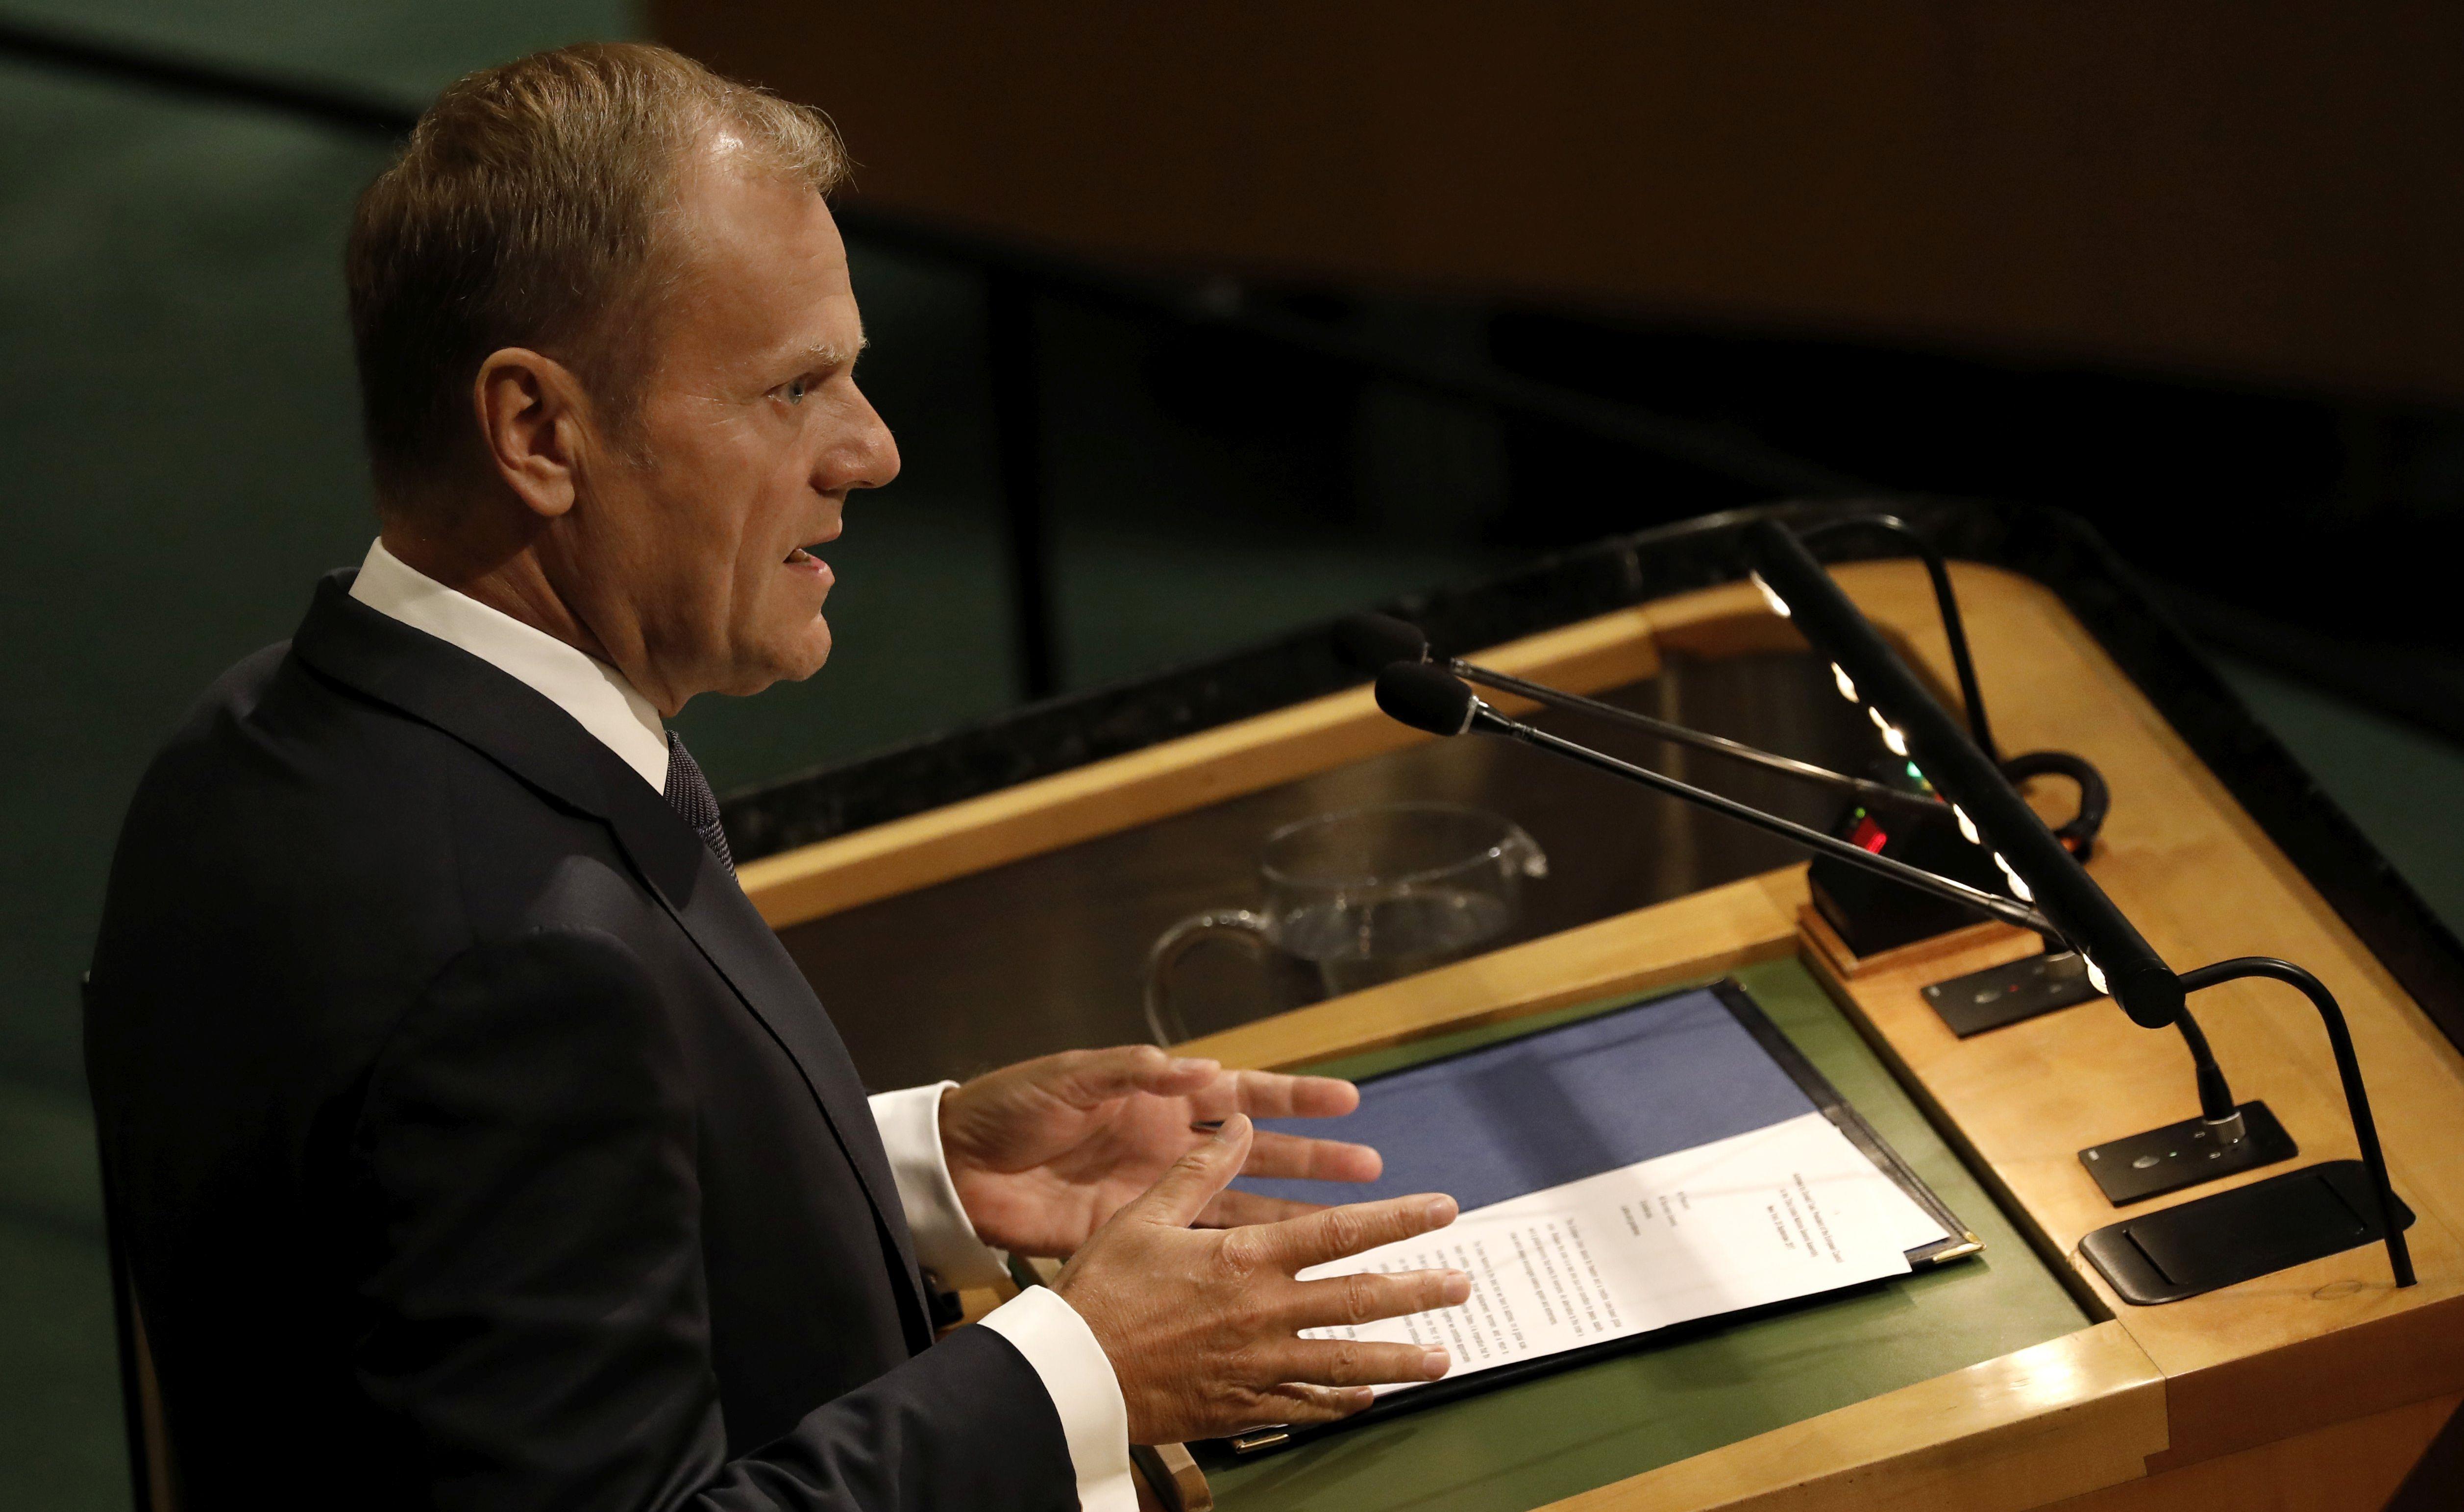 AFERA SKRIPAL Tusk odbio čestitati Putinu